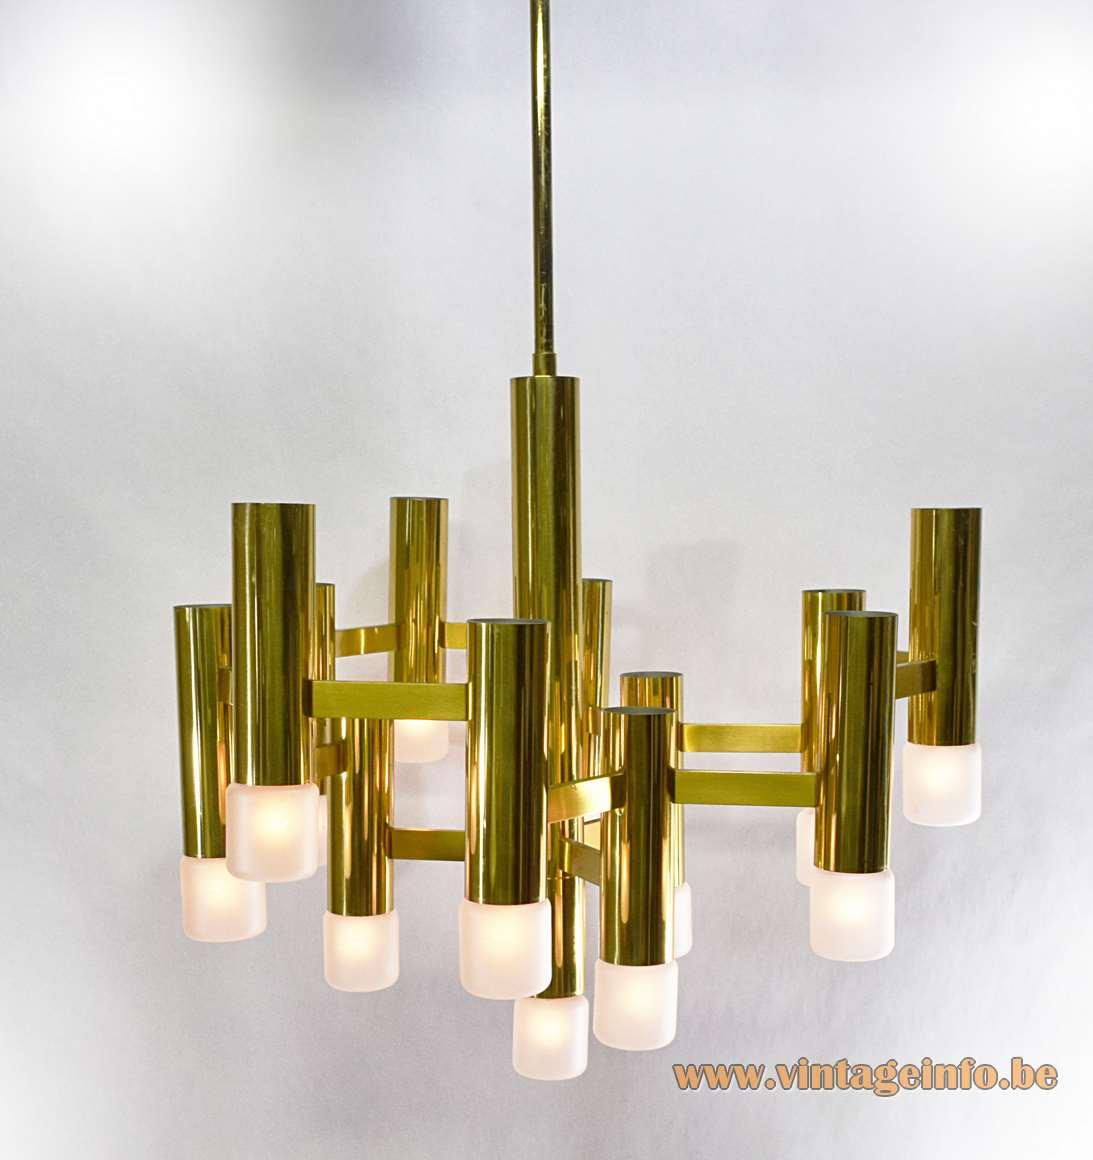 Gaetano Sciolari Brass Chandelier tubular lamp 13 Neolamp light bulbs 1960s 1970s S.A. Boulanger Belgium MCM